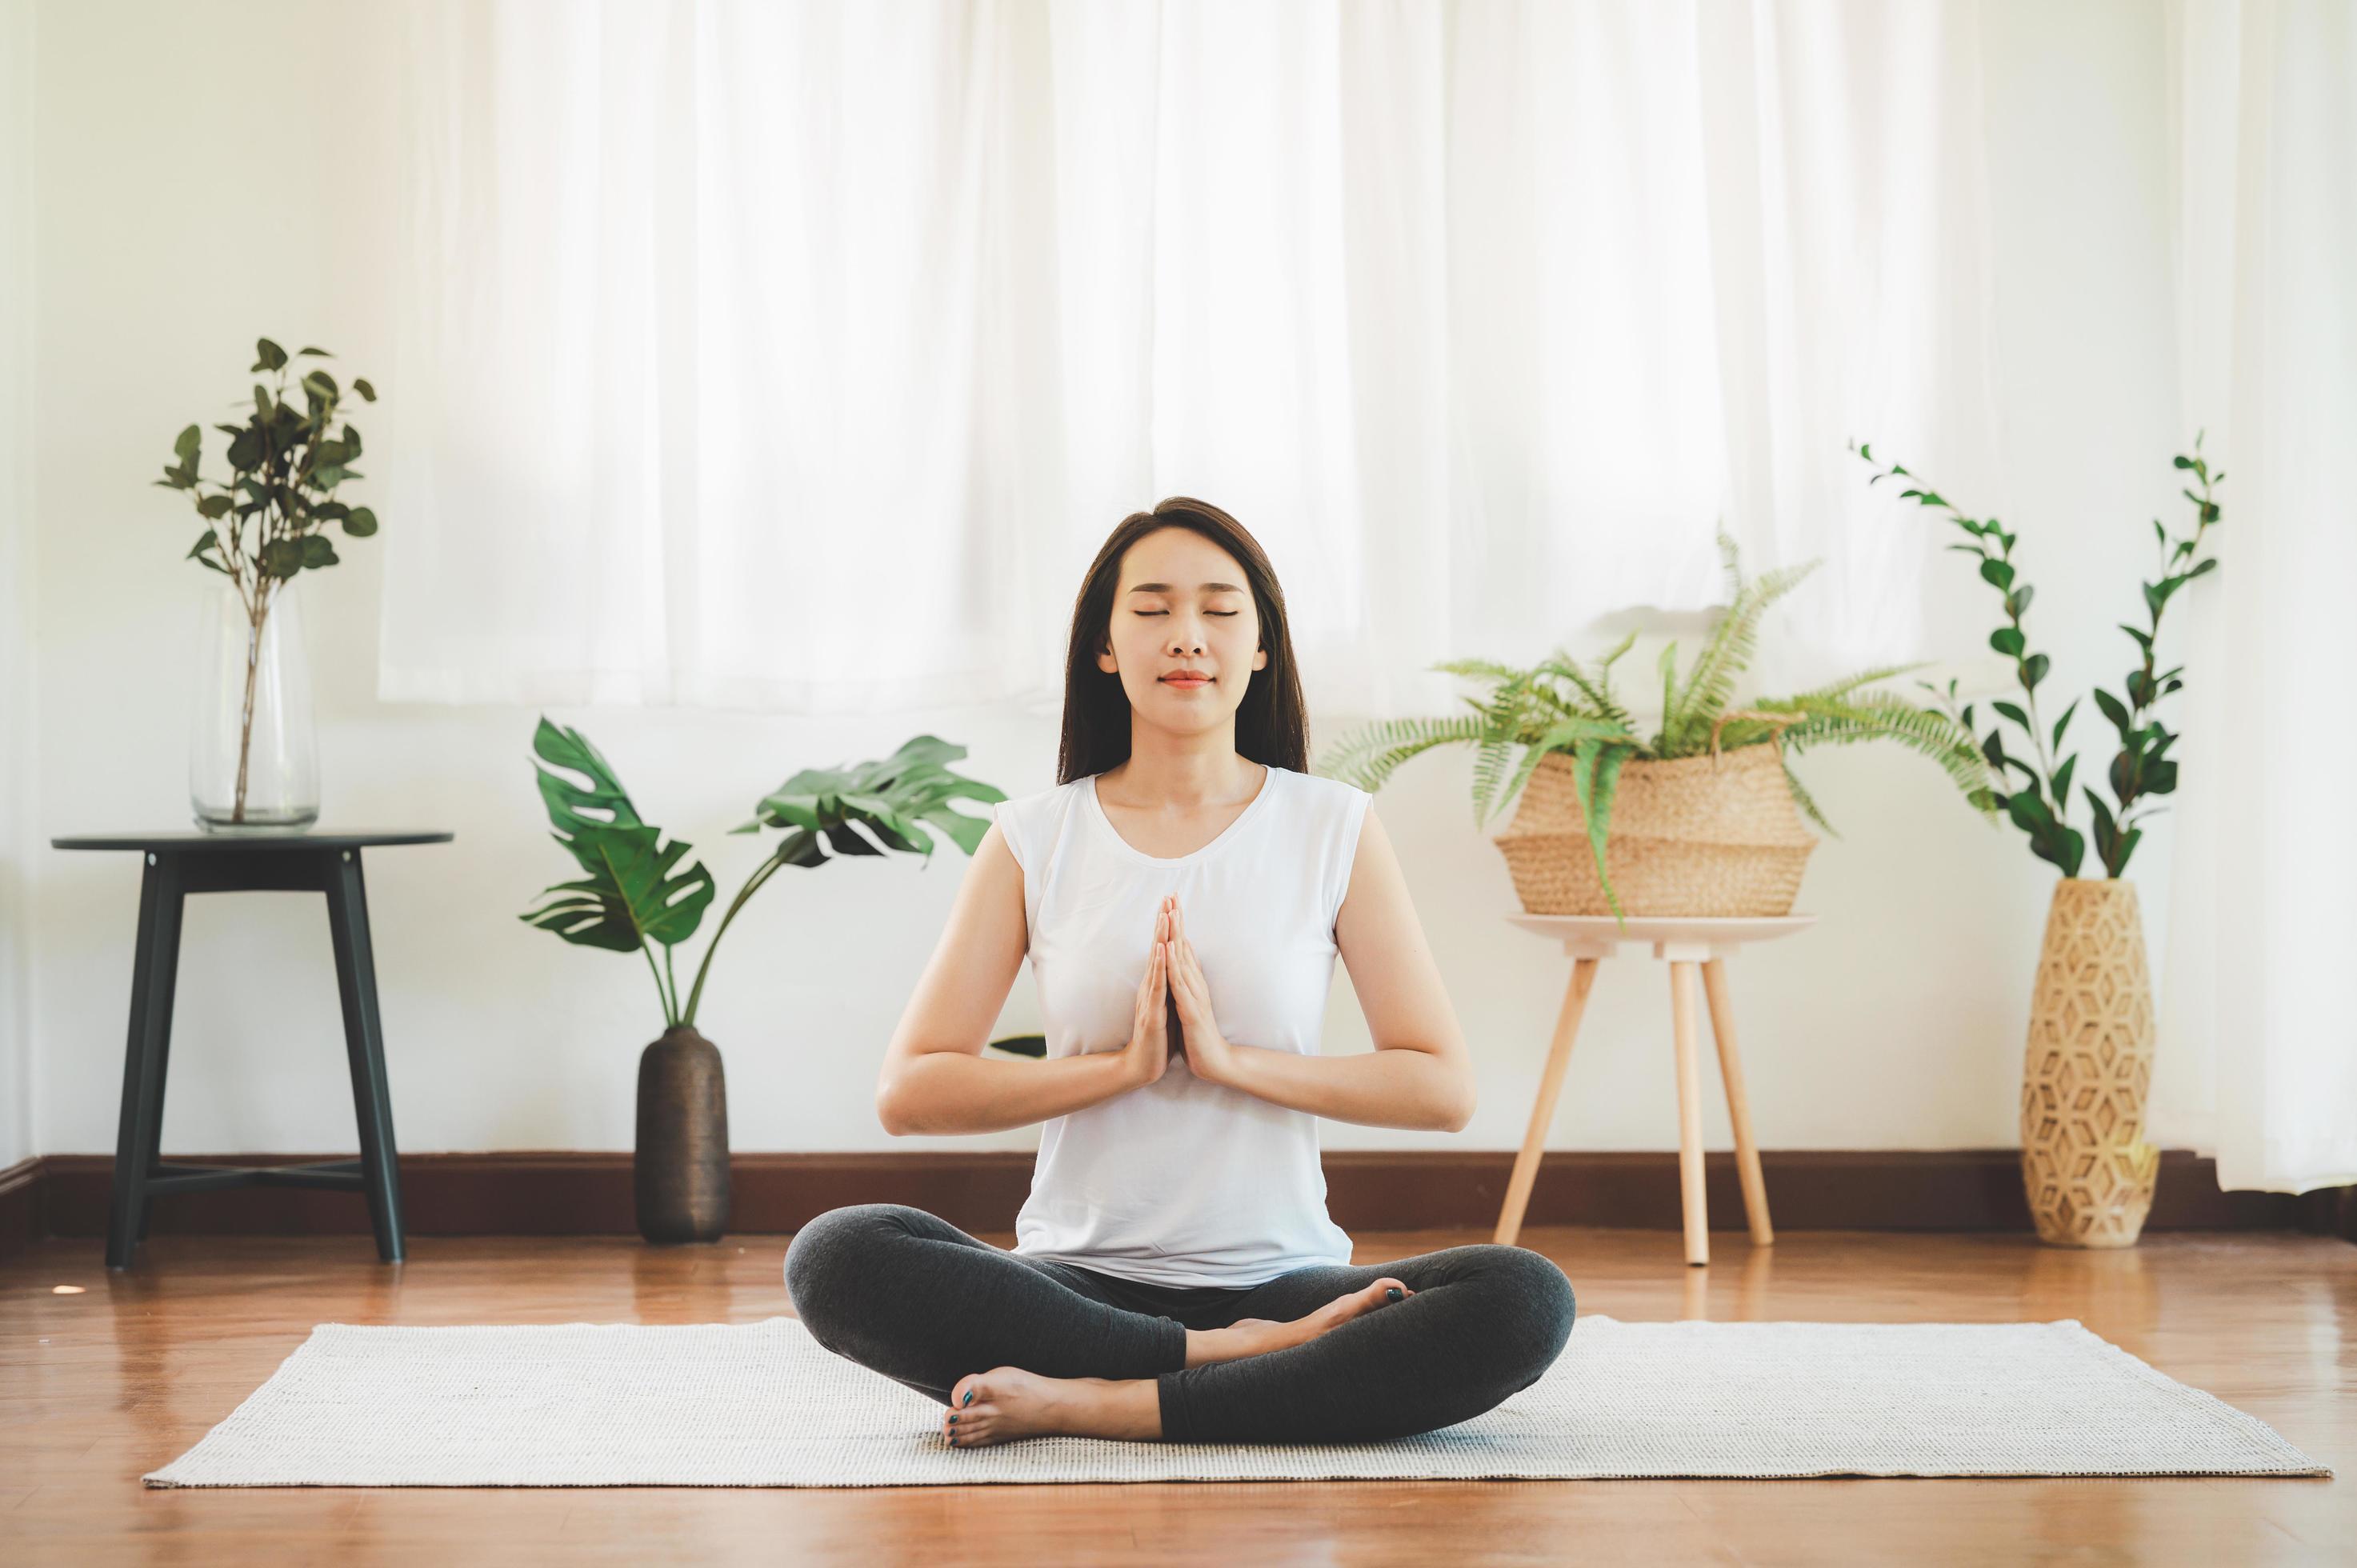 Mujer Asiatica Haciendo Yoga Meditacion En Casa Foto De Stock 'el vítor' y 'albertano' se enfrentan al cibernético y el hijo de octagón con sus identidades de luchadores. https es vecteezy com foto 1229279 mujer asiatica haciendo yoga meditacion en casa